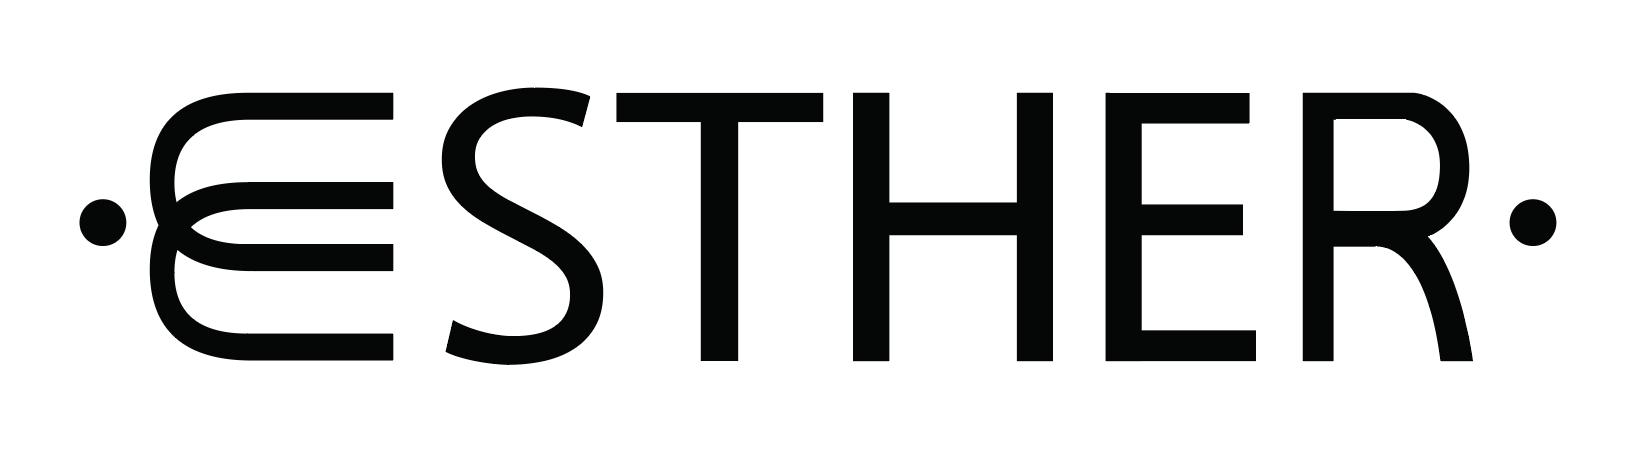 esther-logo-eng02